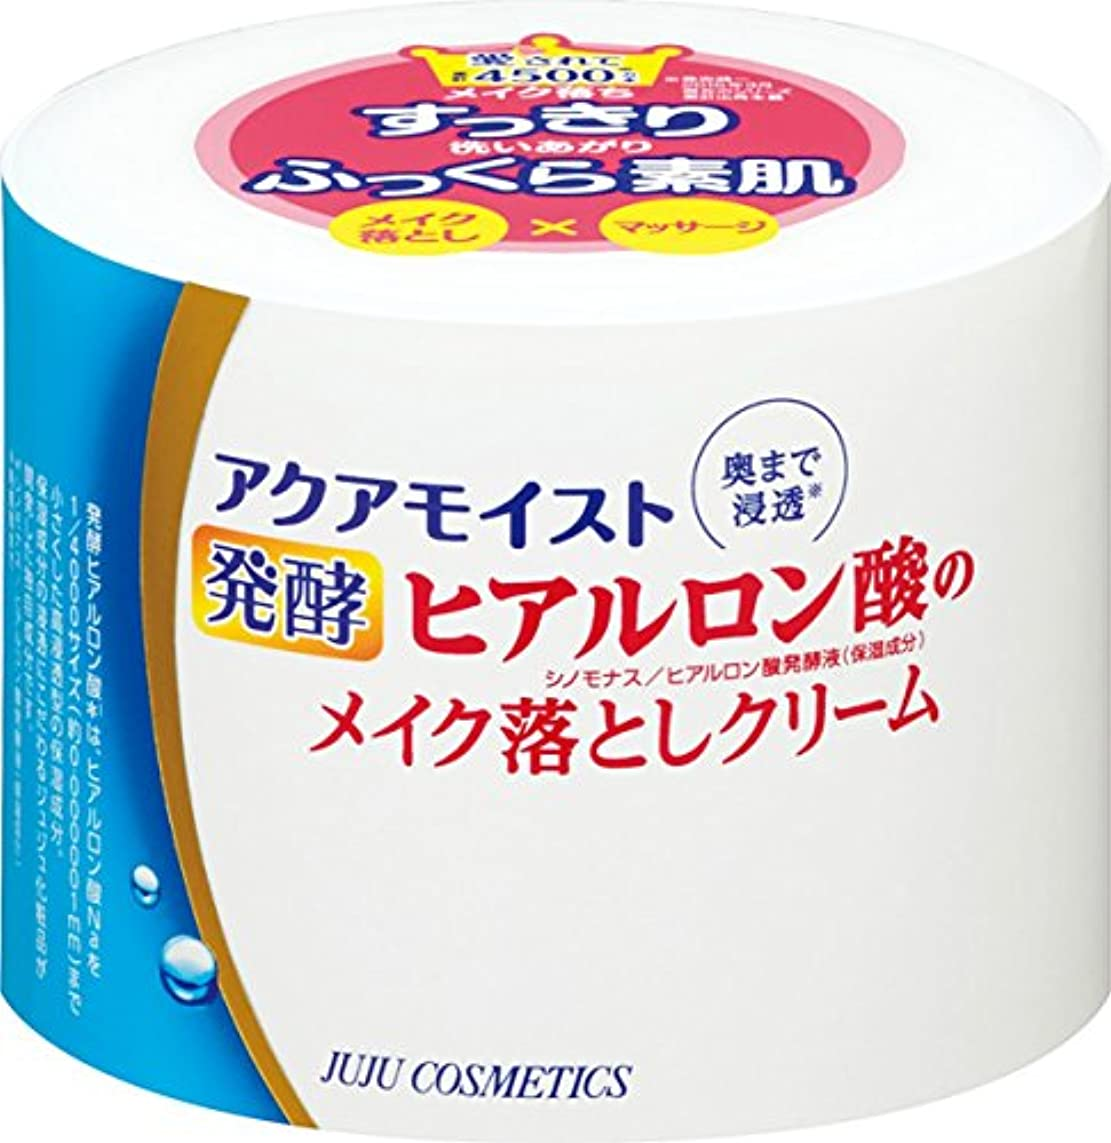 五十メキシコしおれたアクアモイスト 発酵ヒアルロン酸のメイク落としクリーム 160g